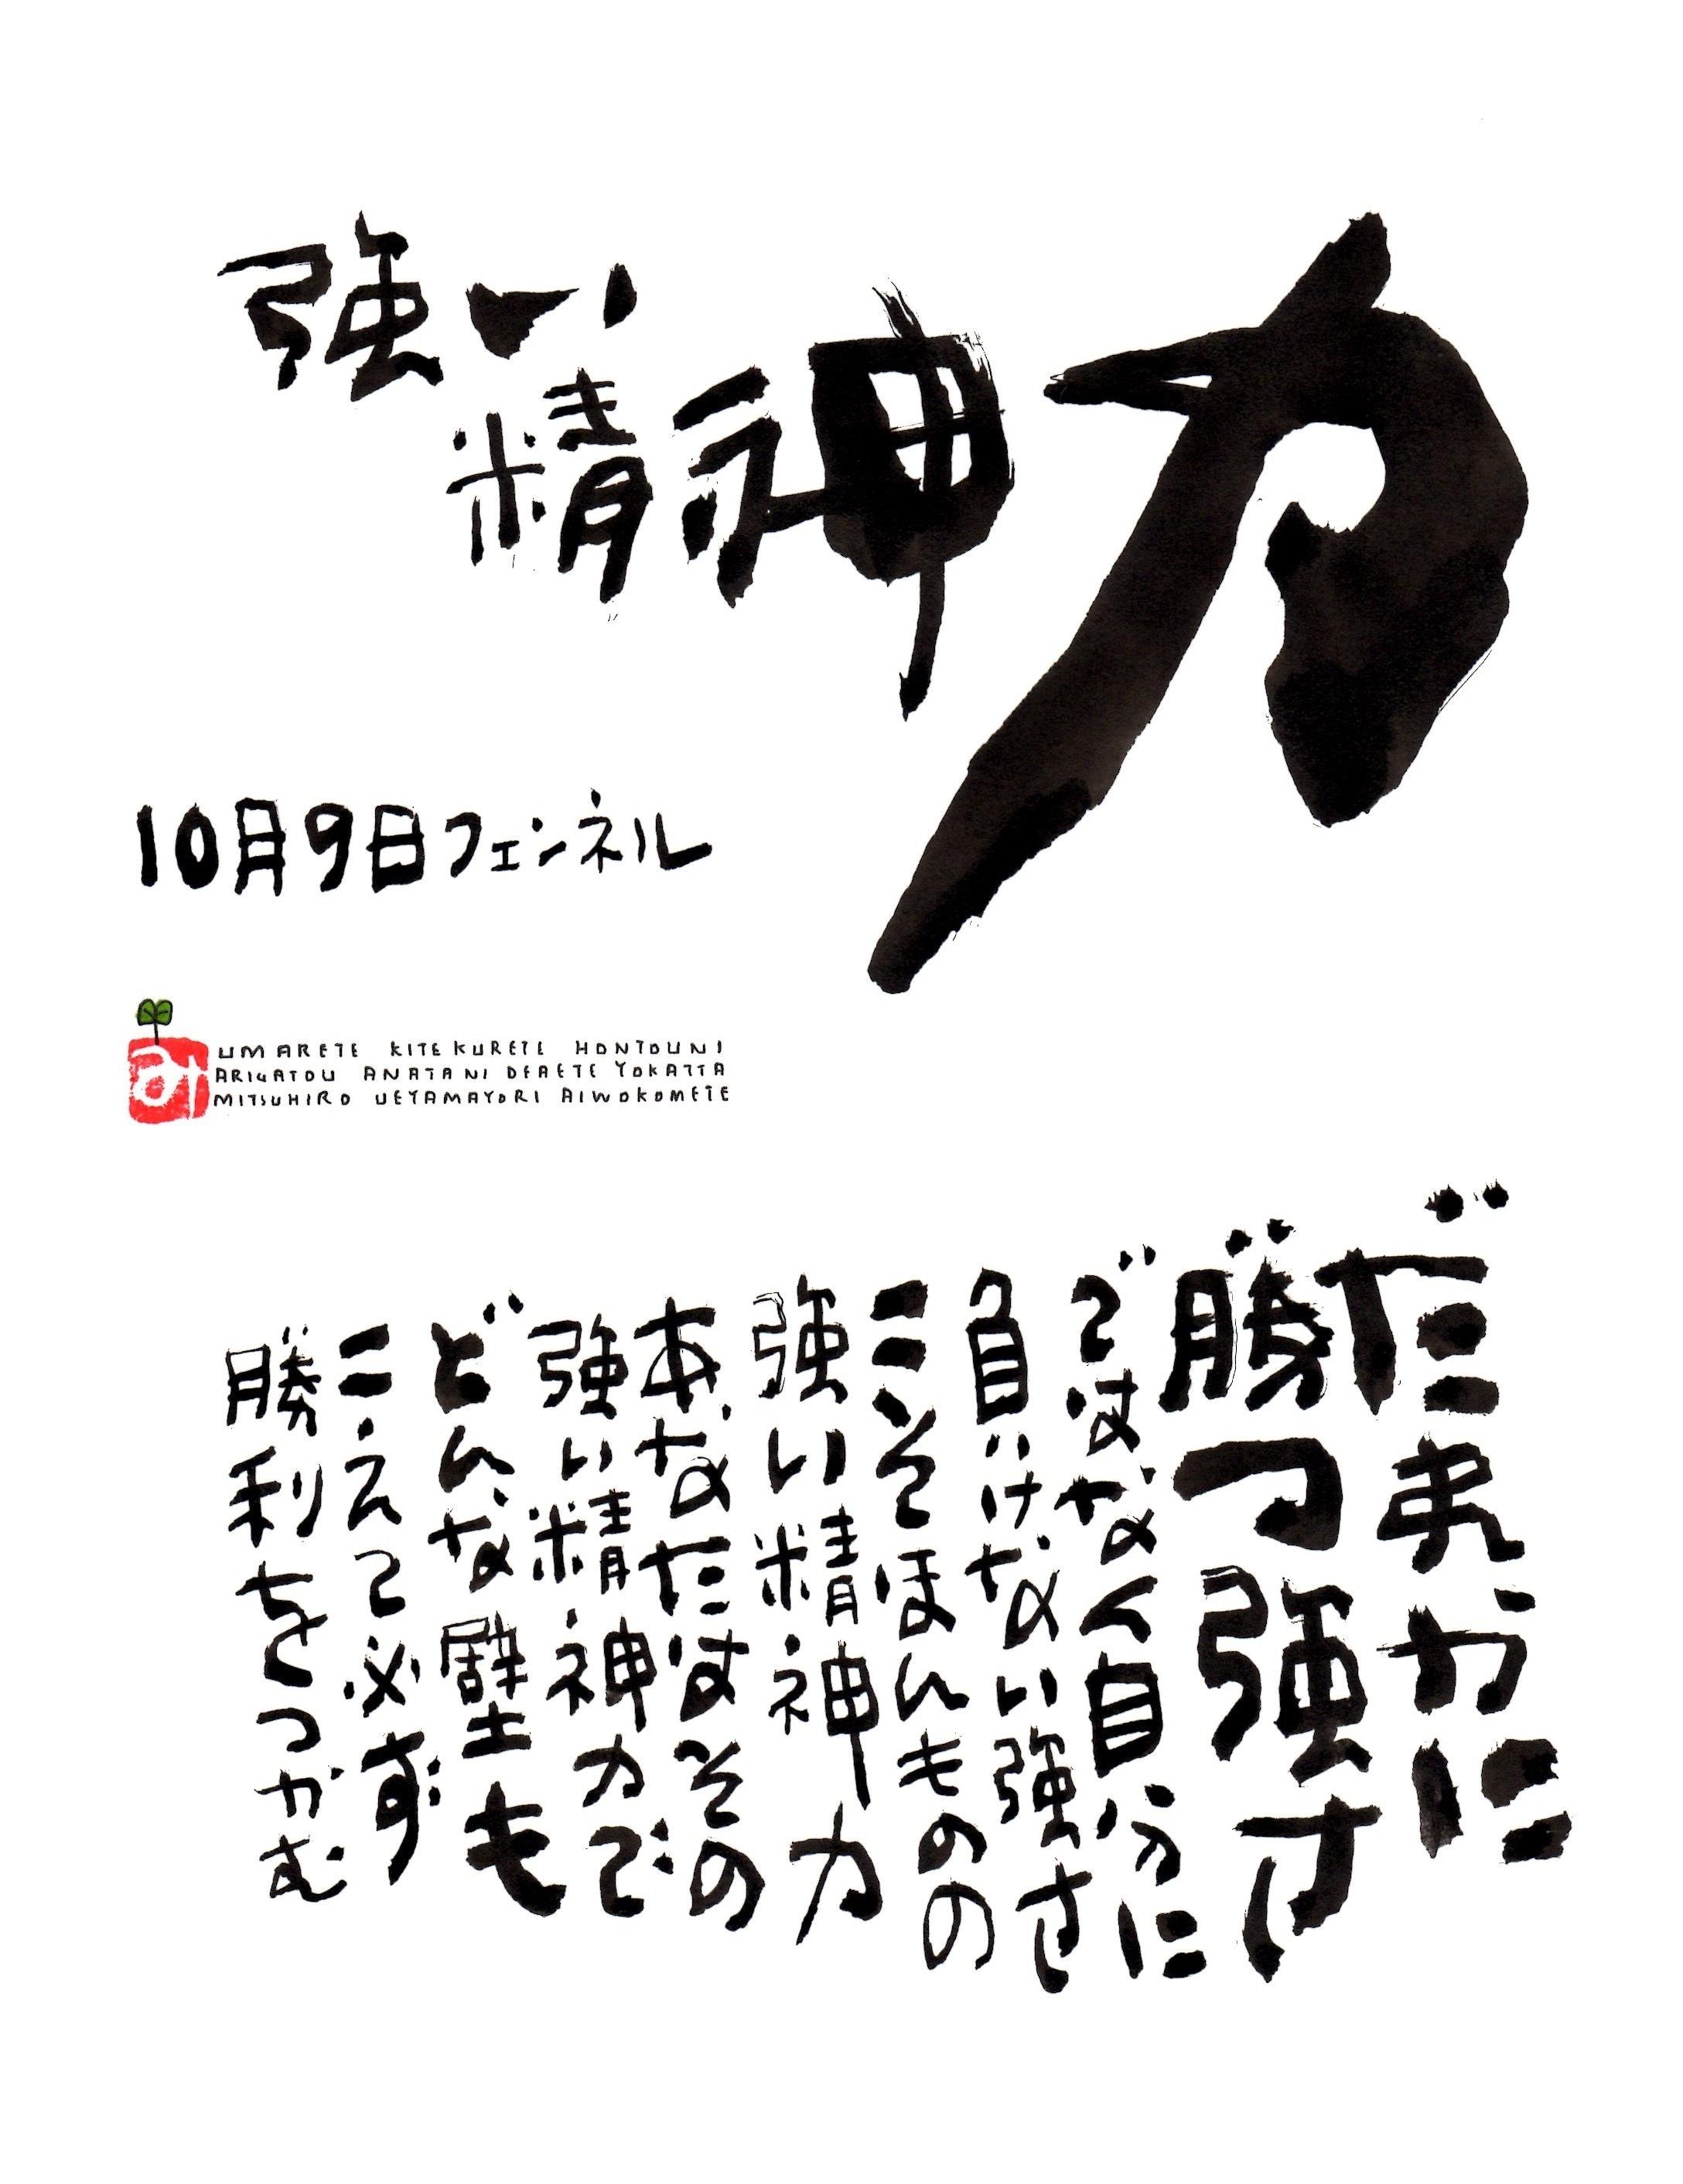 10月9日 誕生日ポストカード【強い精神力】Strong mental strength